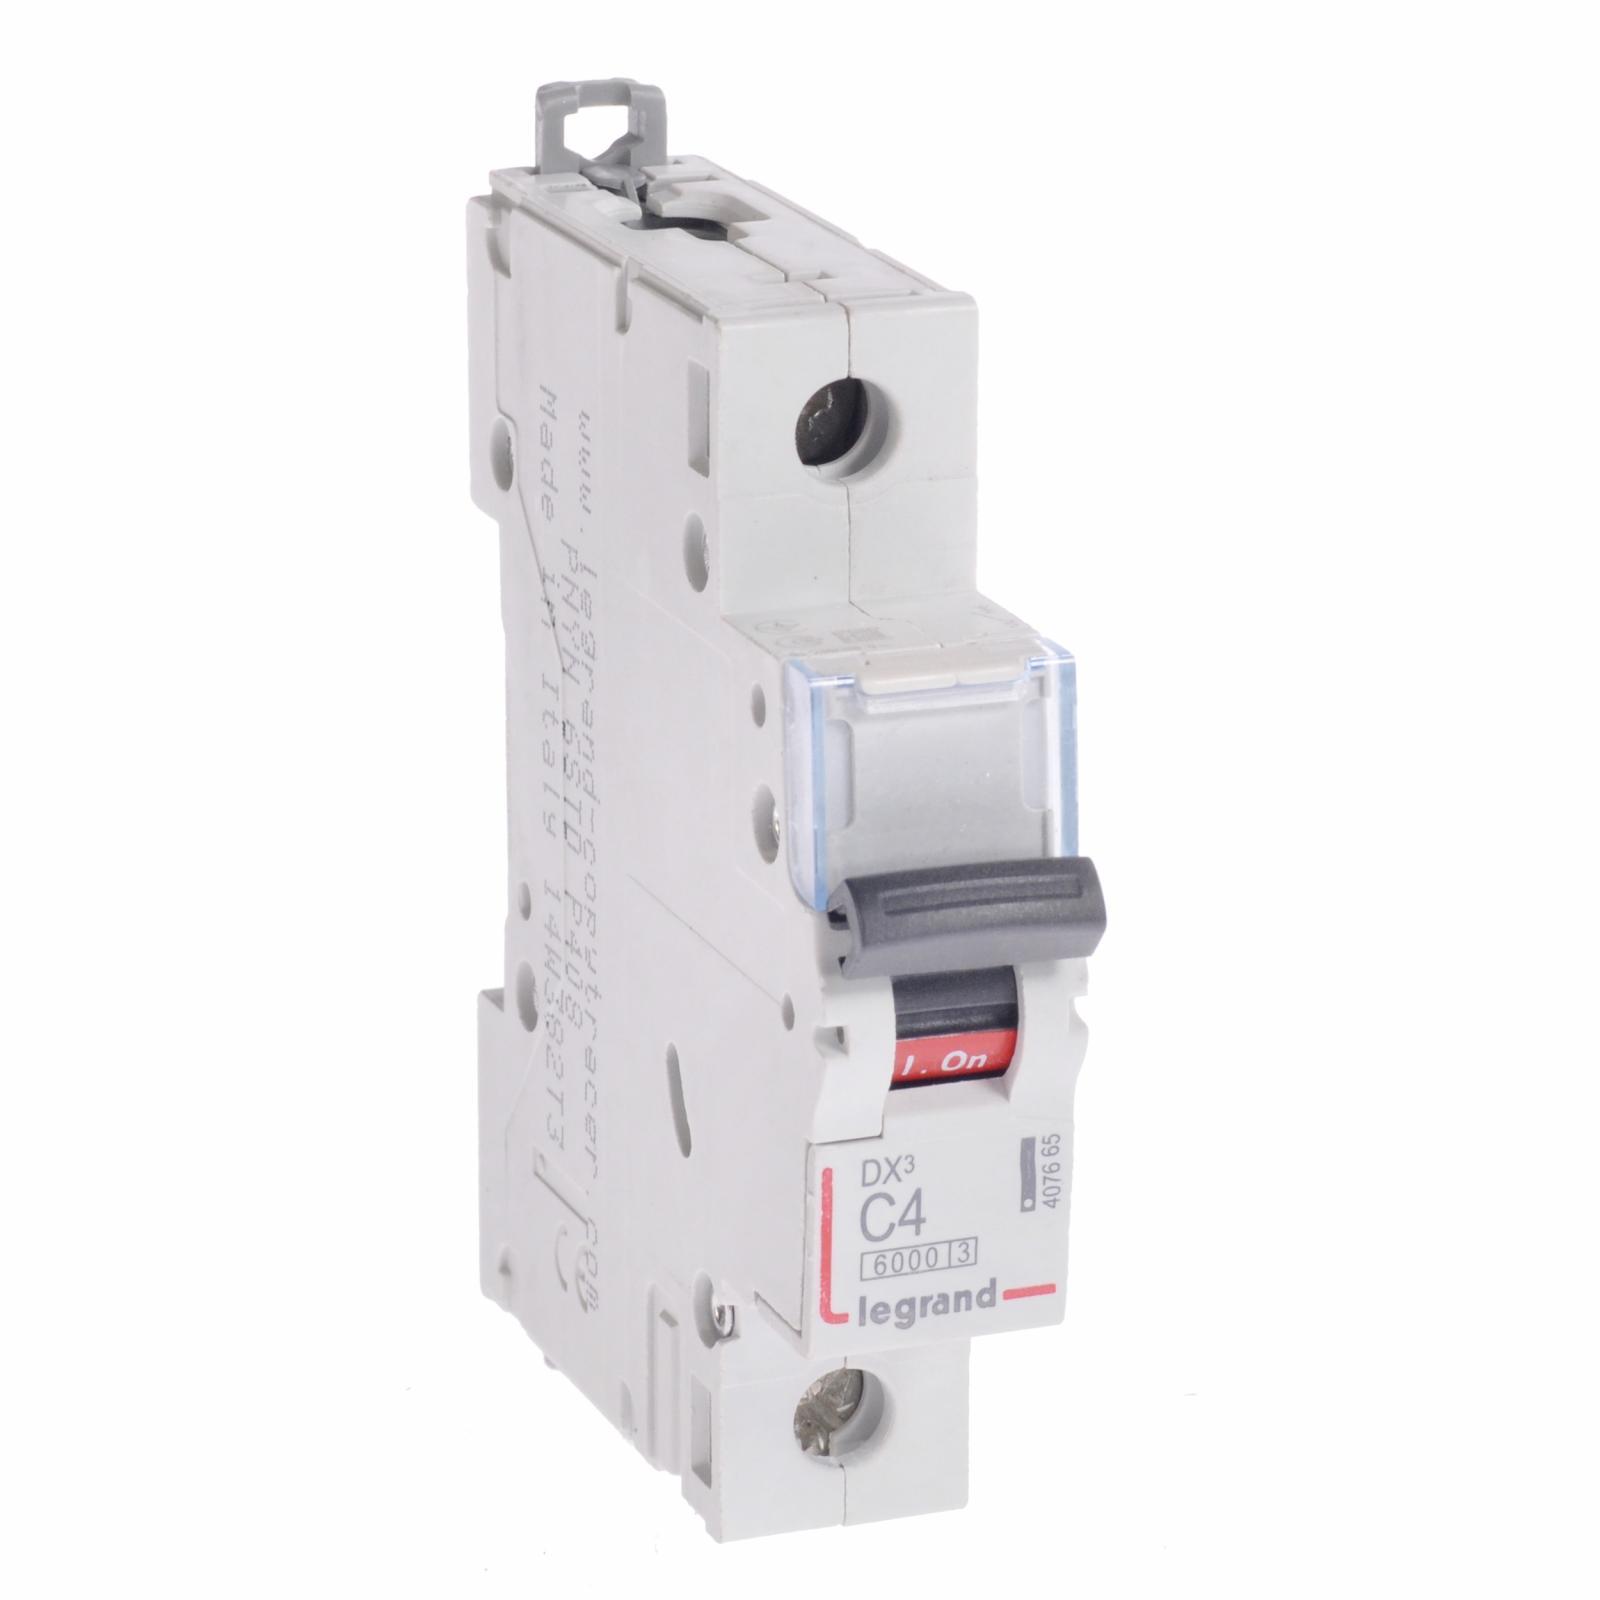 Автоматический выключатель DX³ 6000 - 10 кА - тип характеристики C - 1П - 230/400 В~ - 4 А